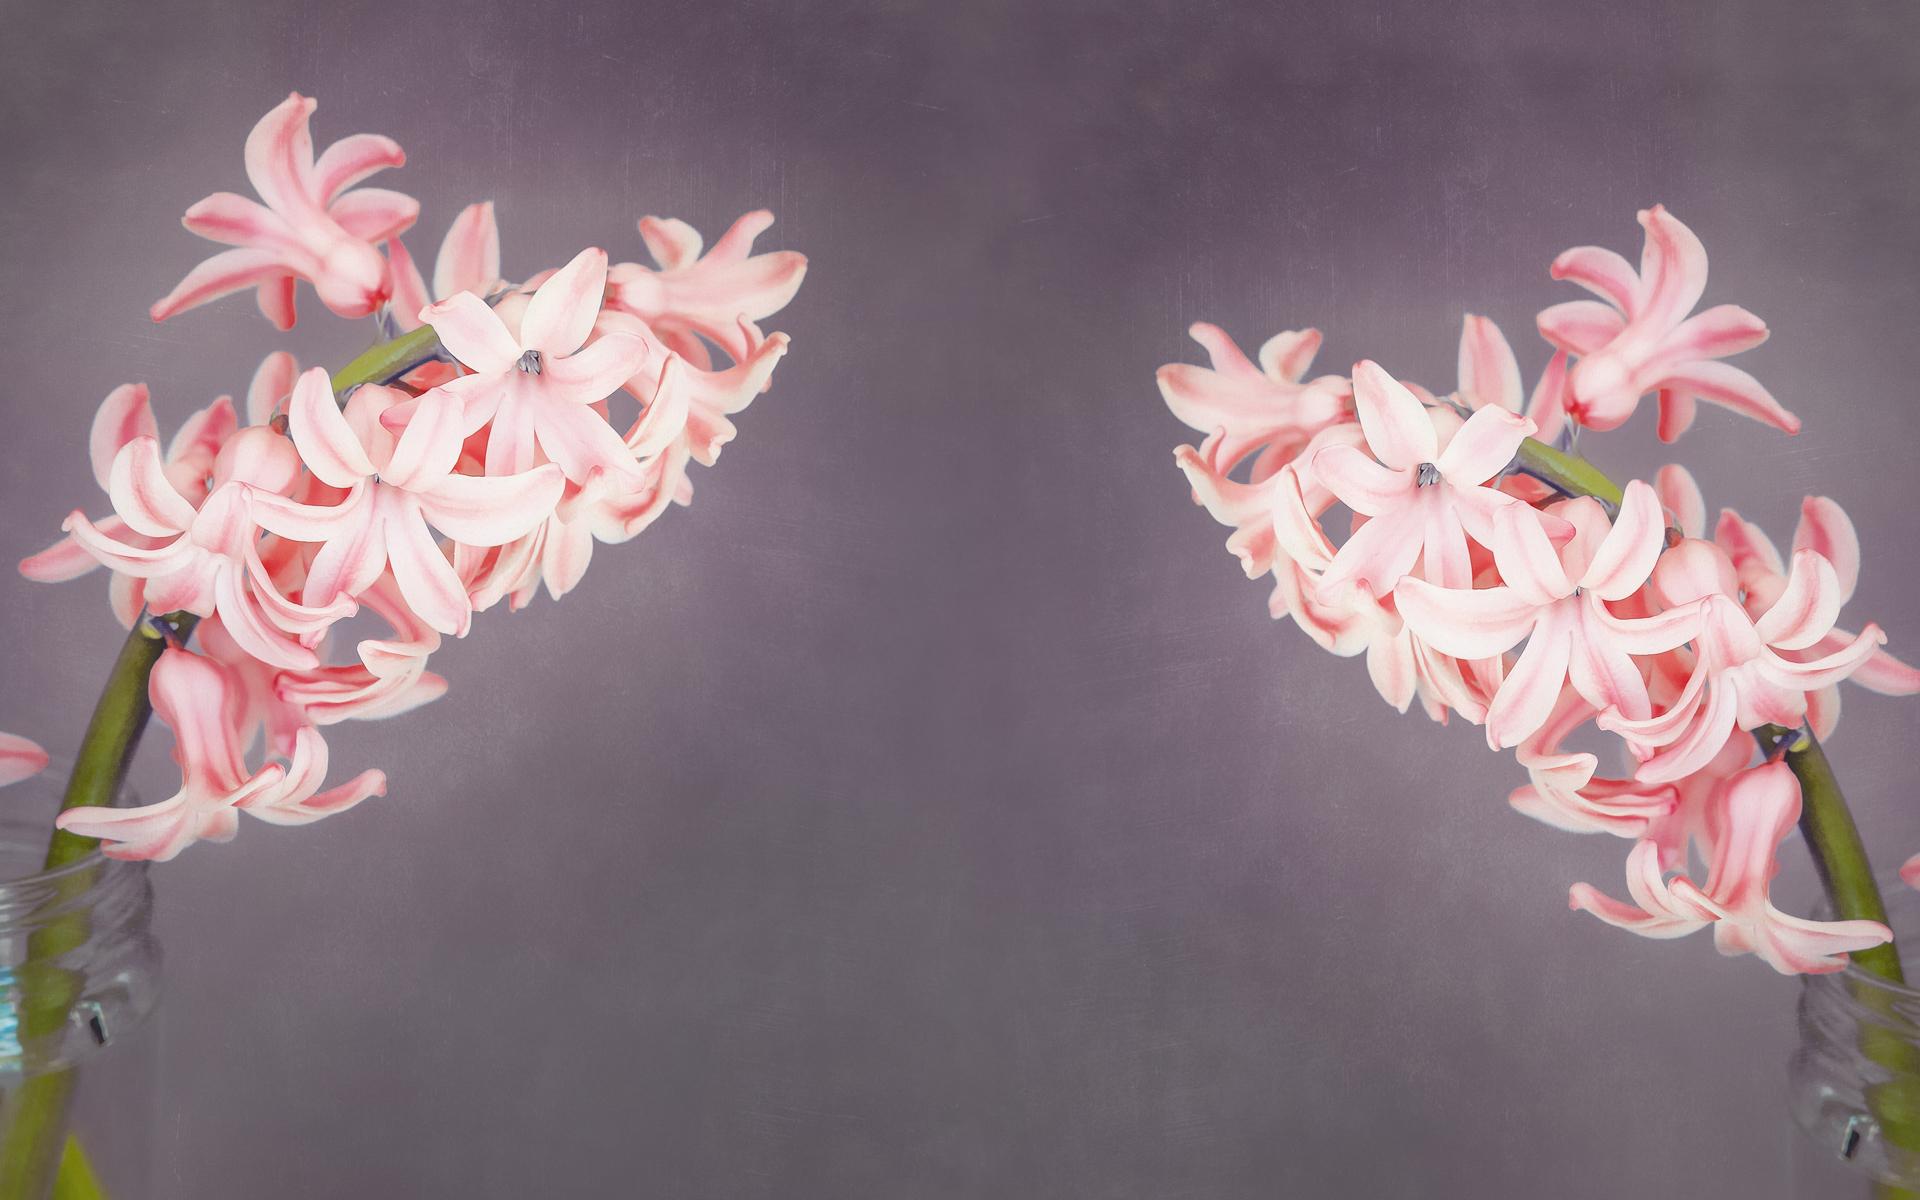 唯美花卉桌面图片